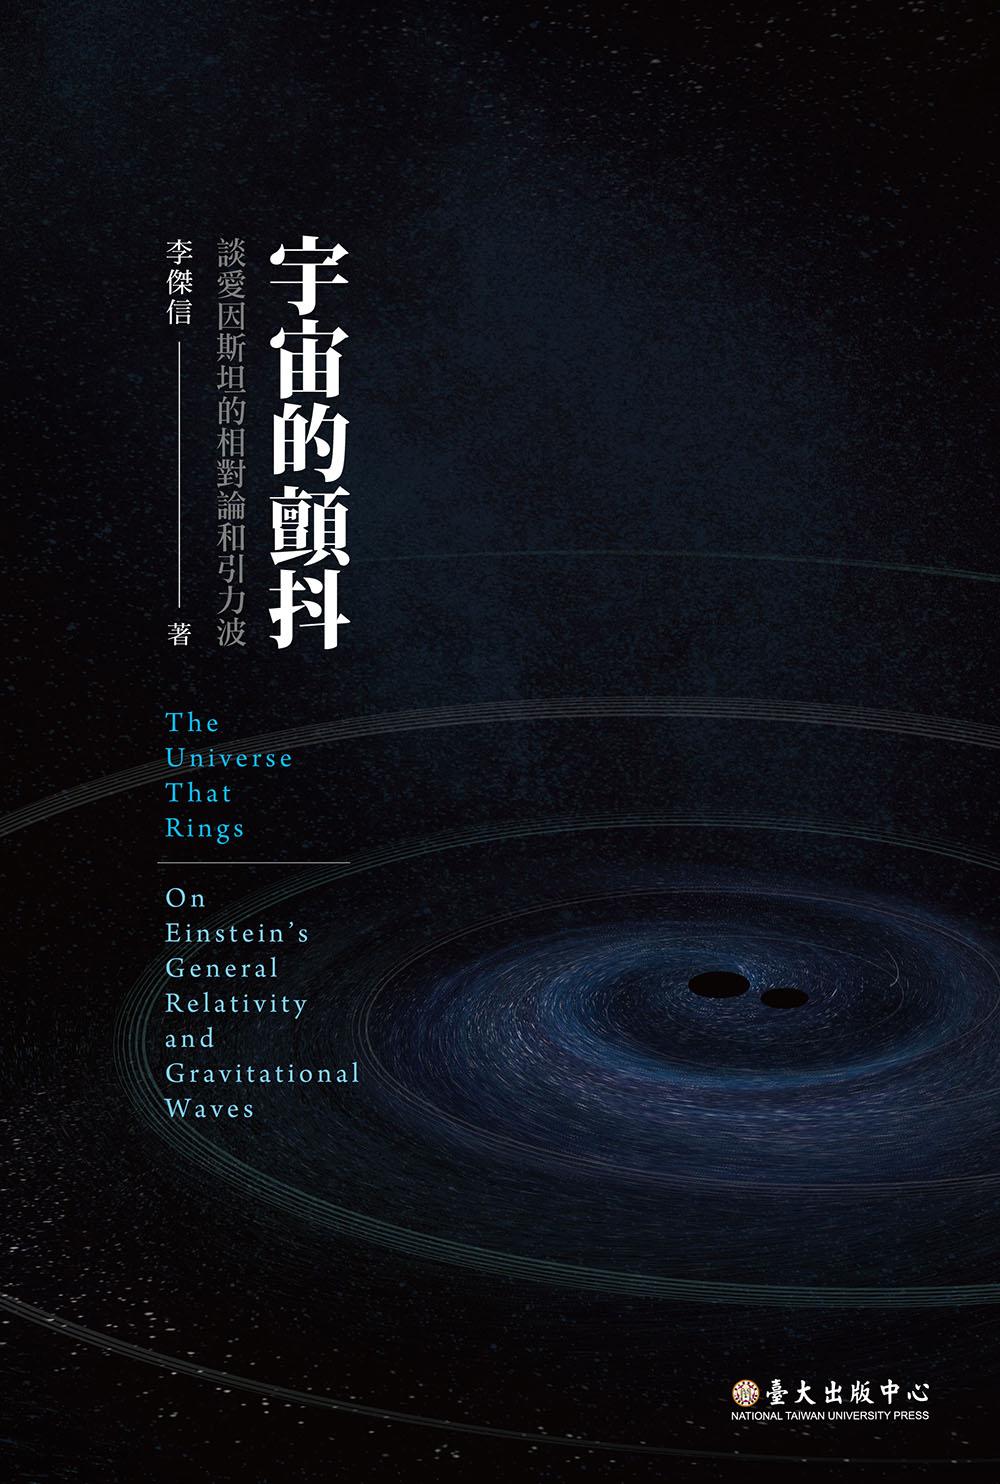 宇宙的顫抖──談愛因斯坦的相對論和引力波(已絕版)